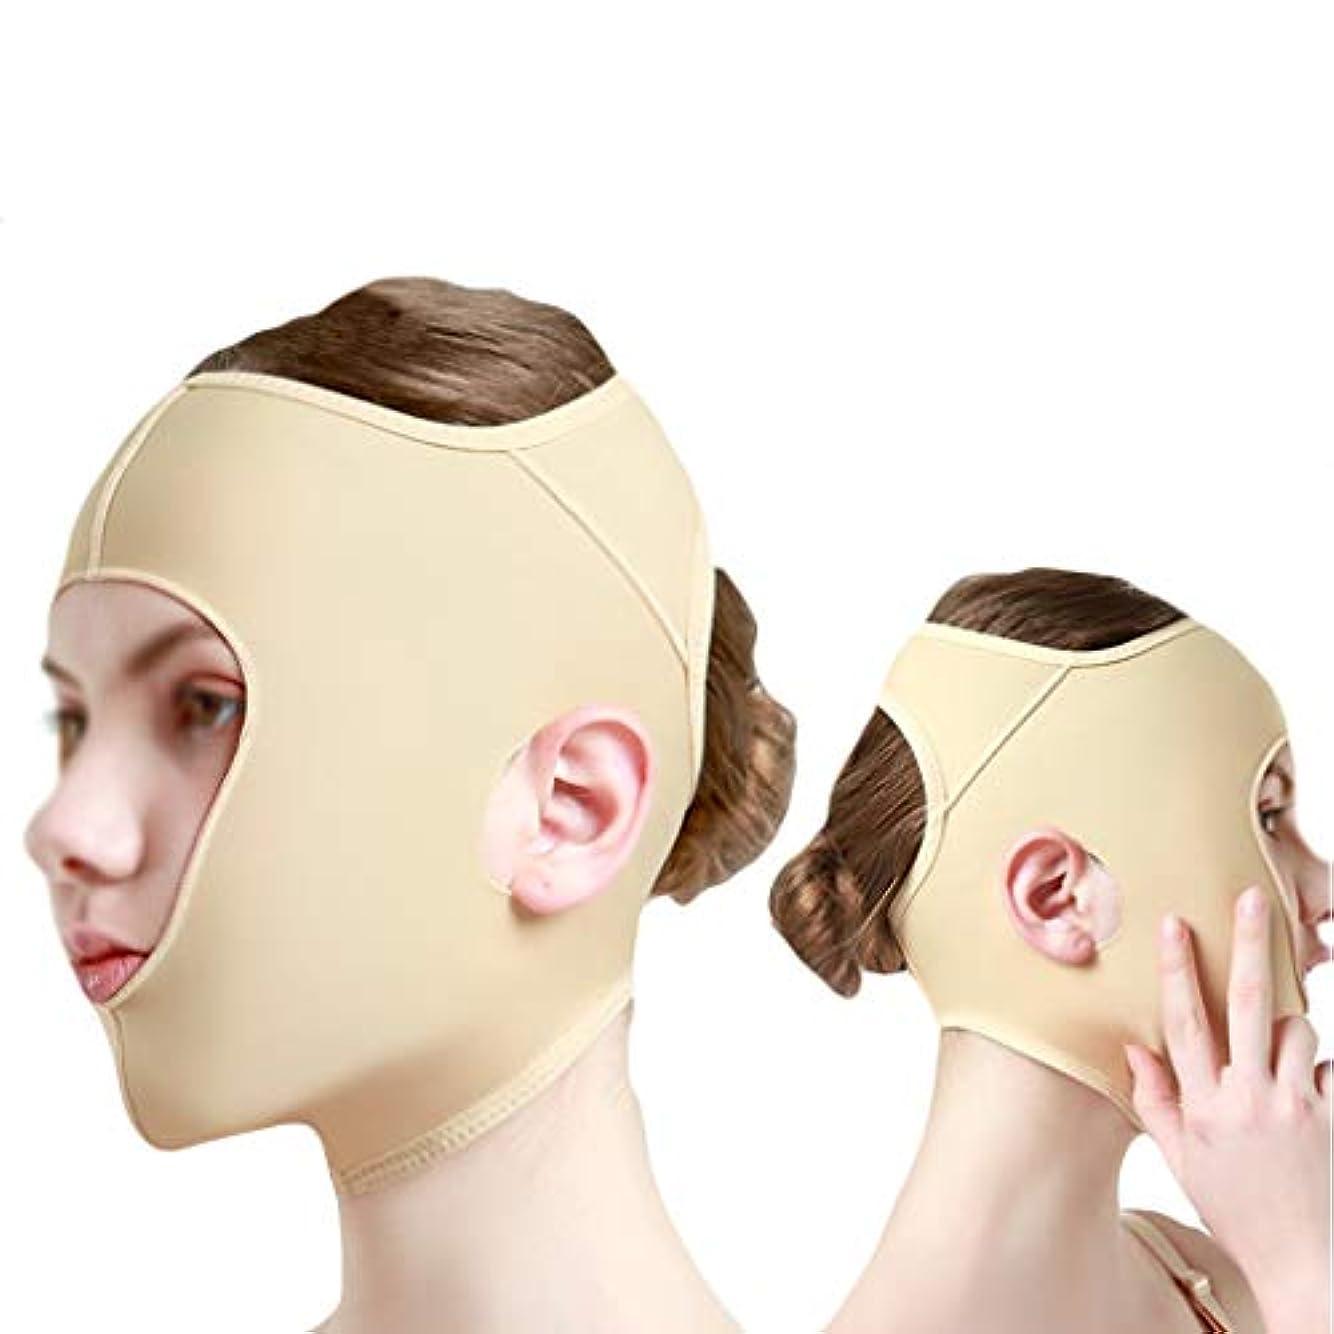 オーケストラ土砂降り共和党XHLMRMJ 顔の彫刻ツール、脂肪吸引フード、二重あご包帯、ストレッチマスク (Size : M)